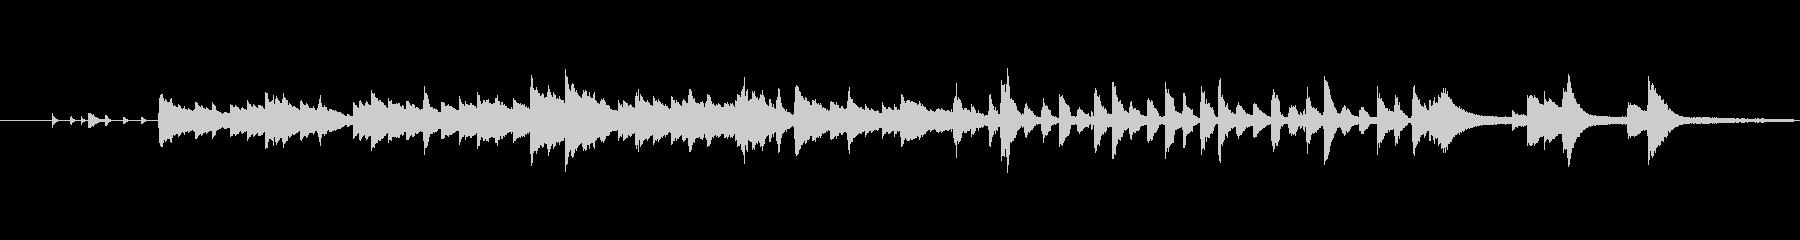 スイング調のリズムとピアノの回顧的な楽曲の未再生の波形